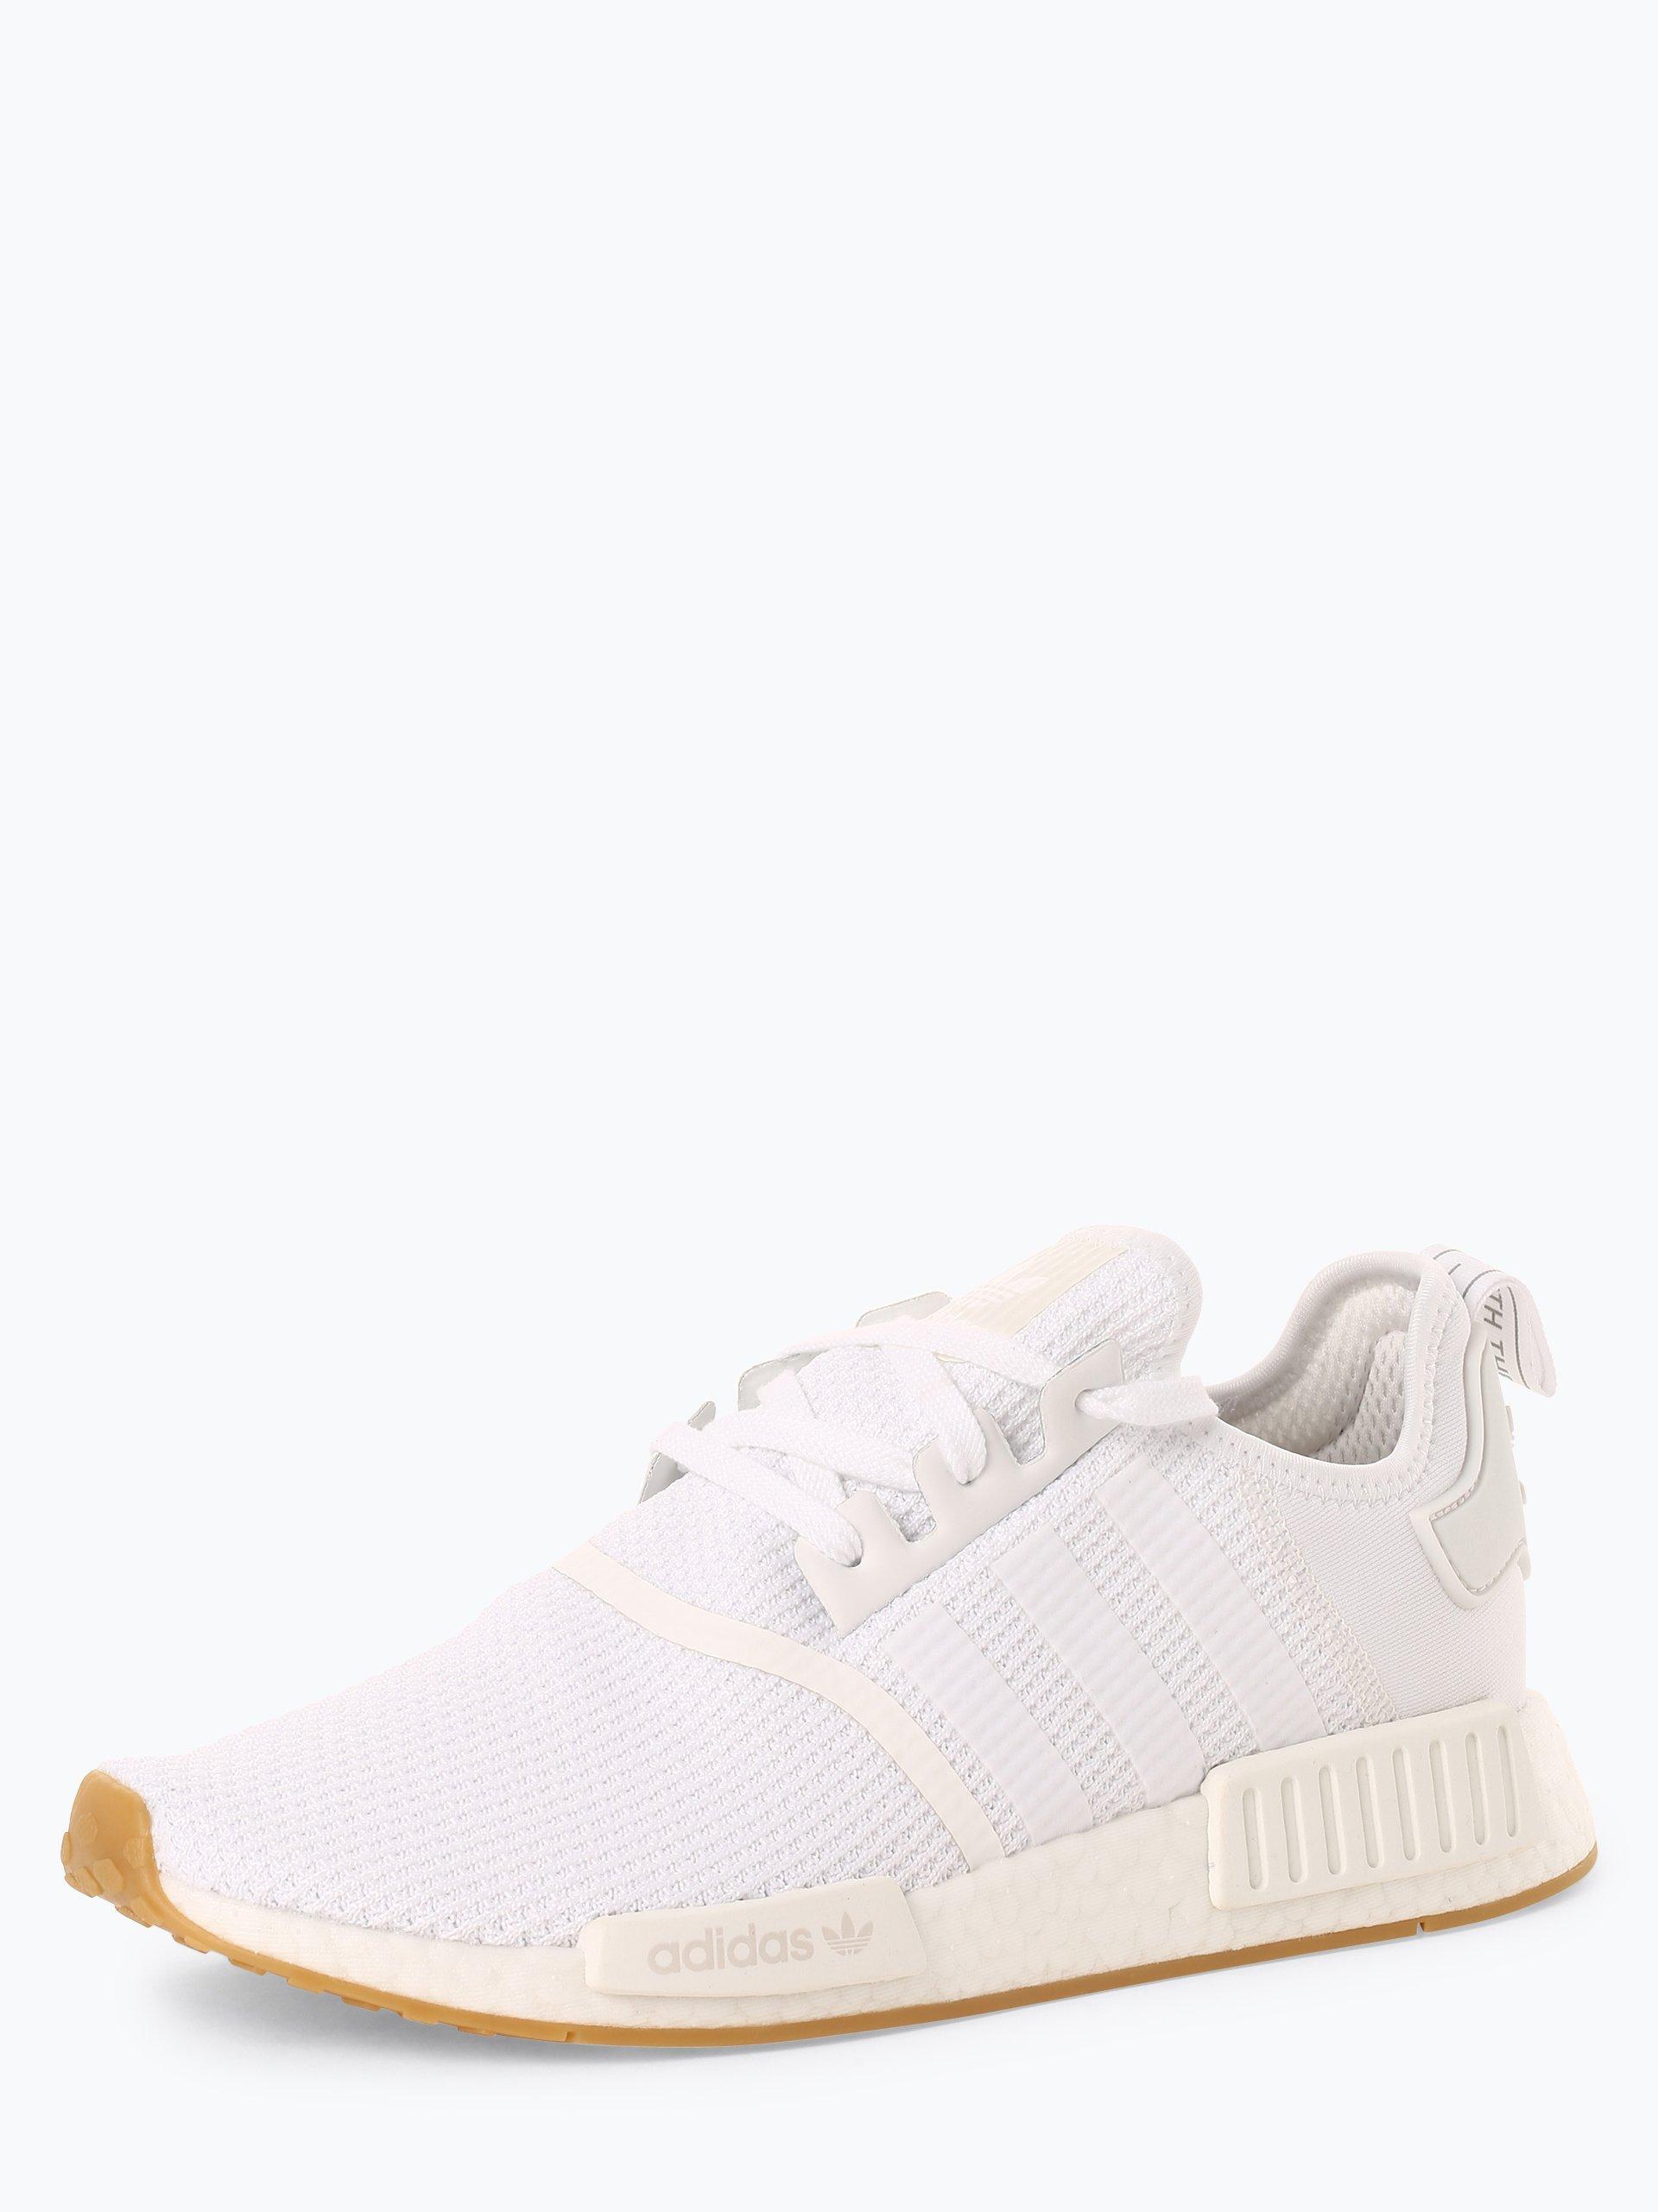 adidas Originals Herren Sneaker - NMD_R1